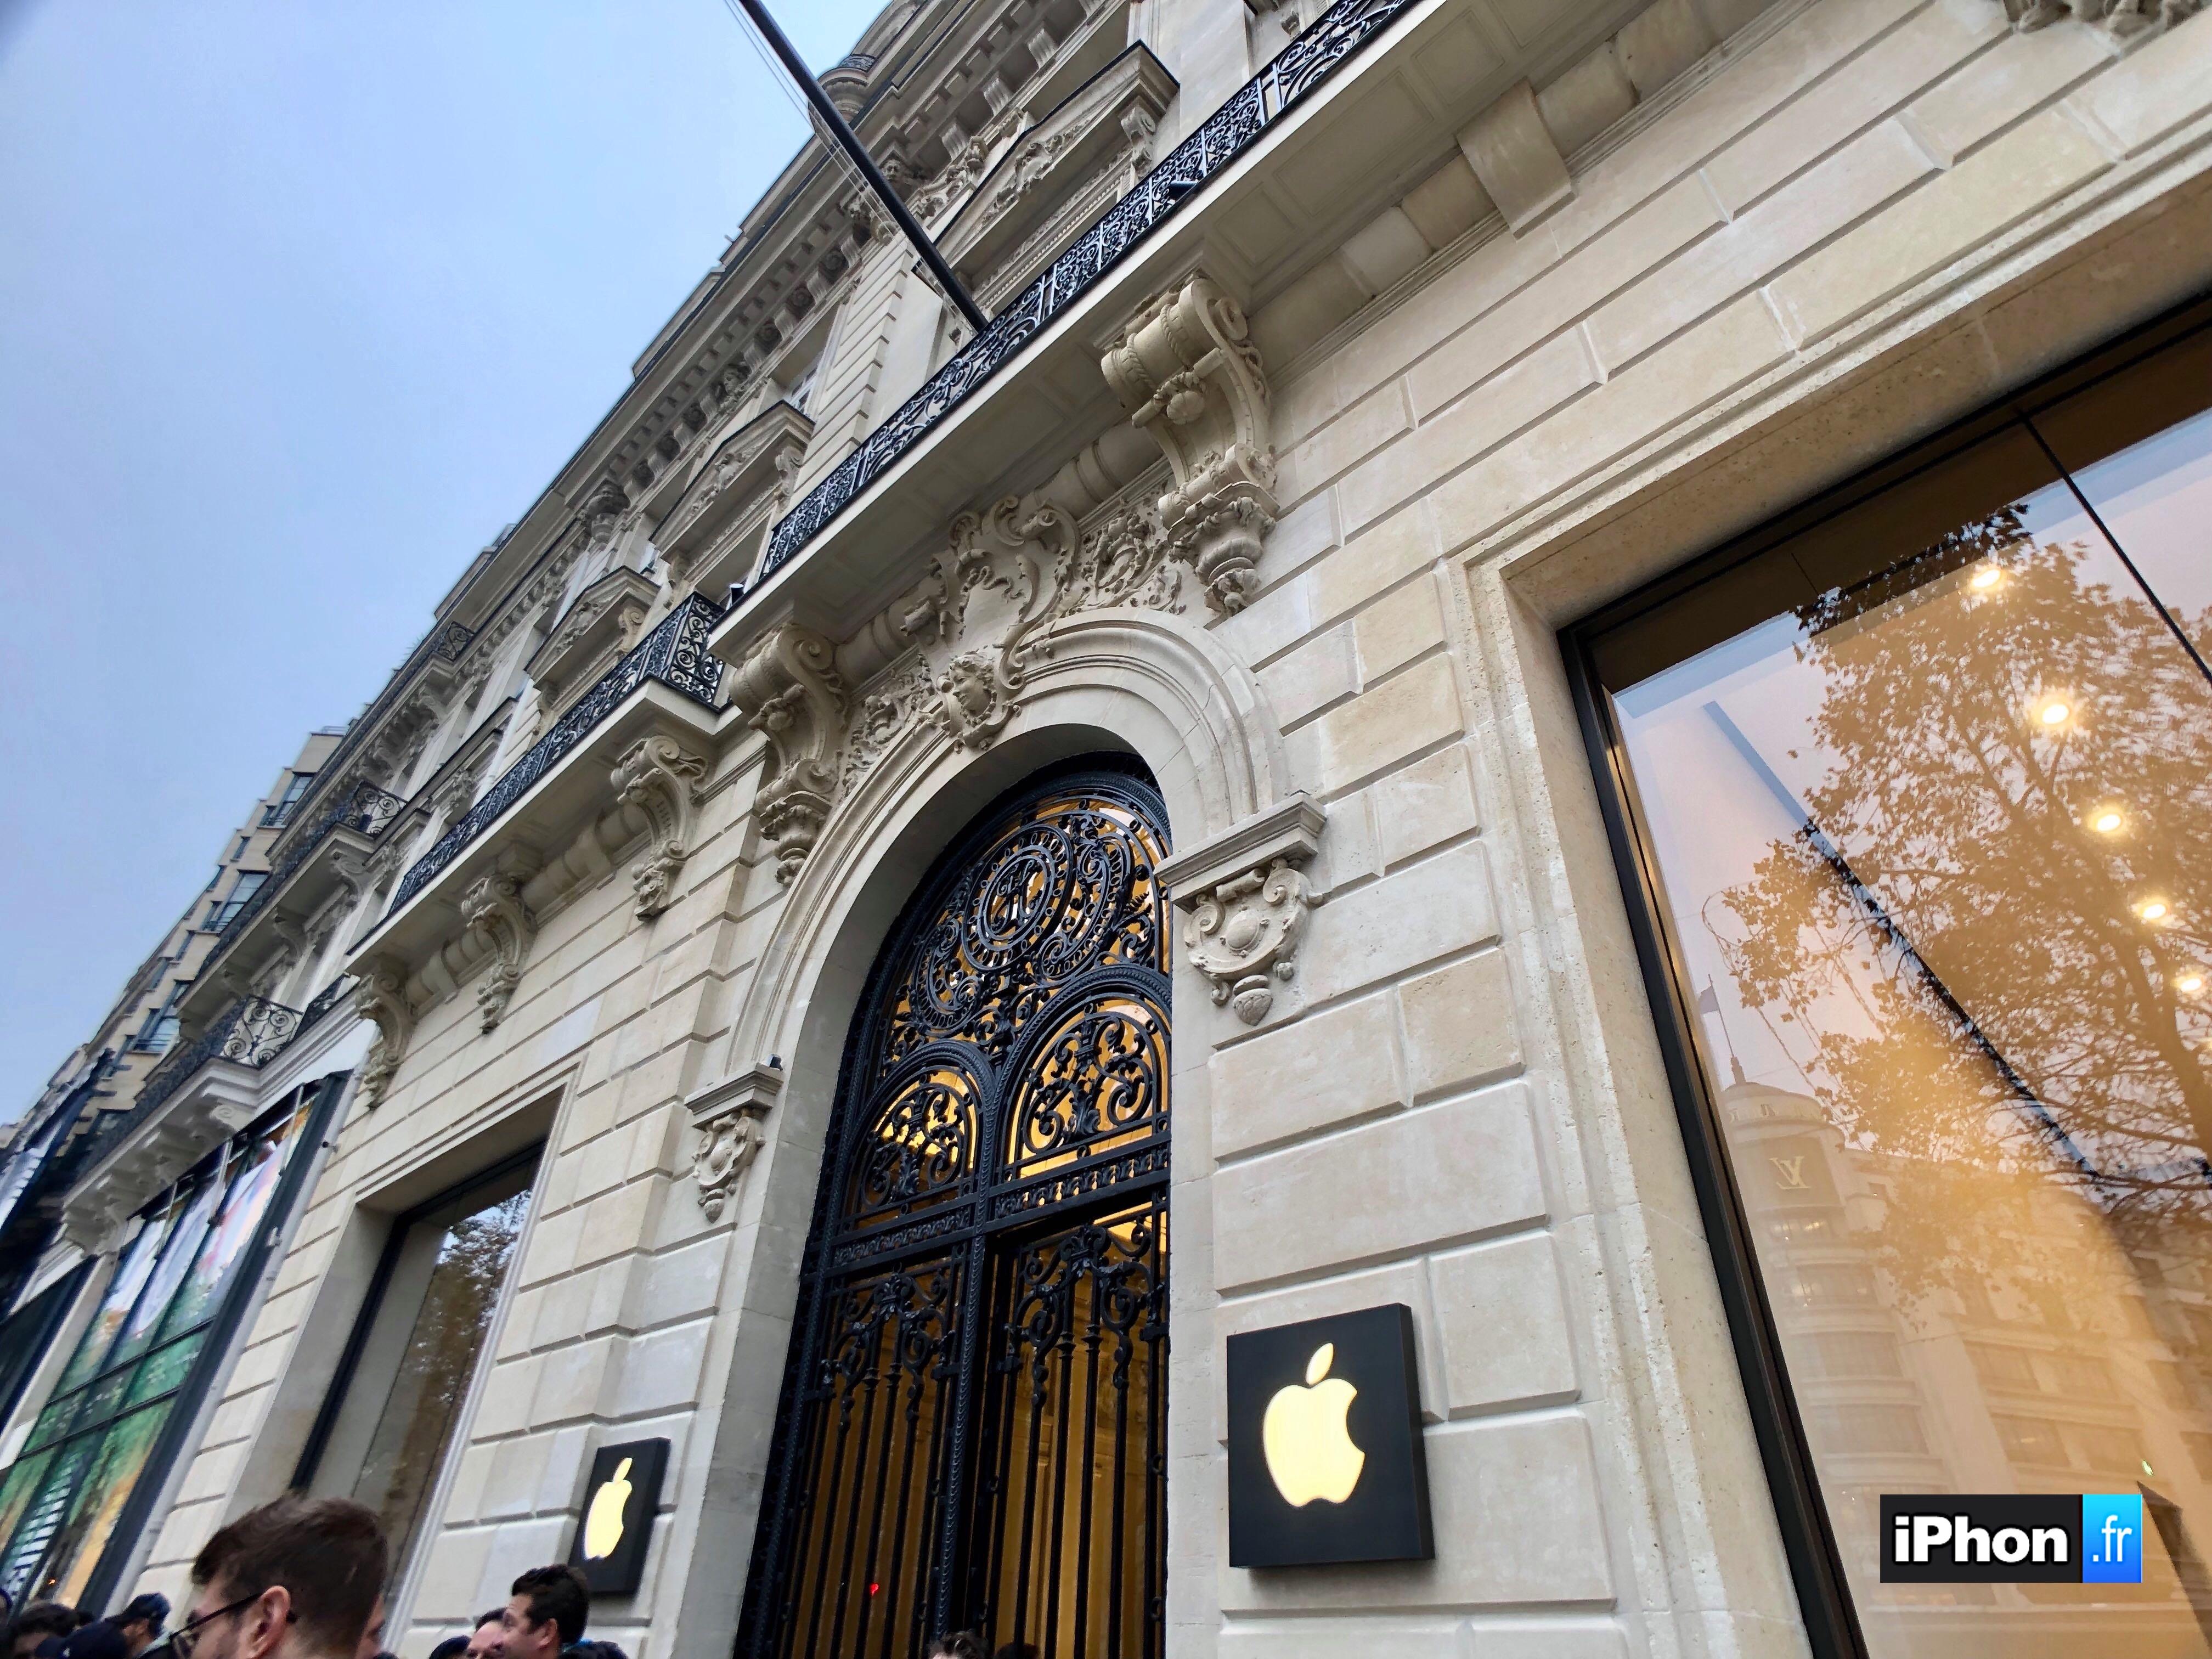 Rapport : Apple imagine les impacts du réchauffement climatique sur son activité 1